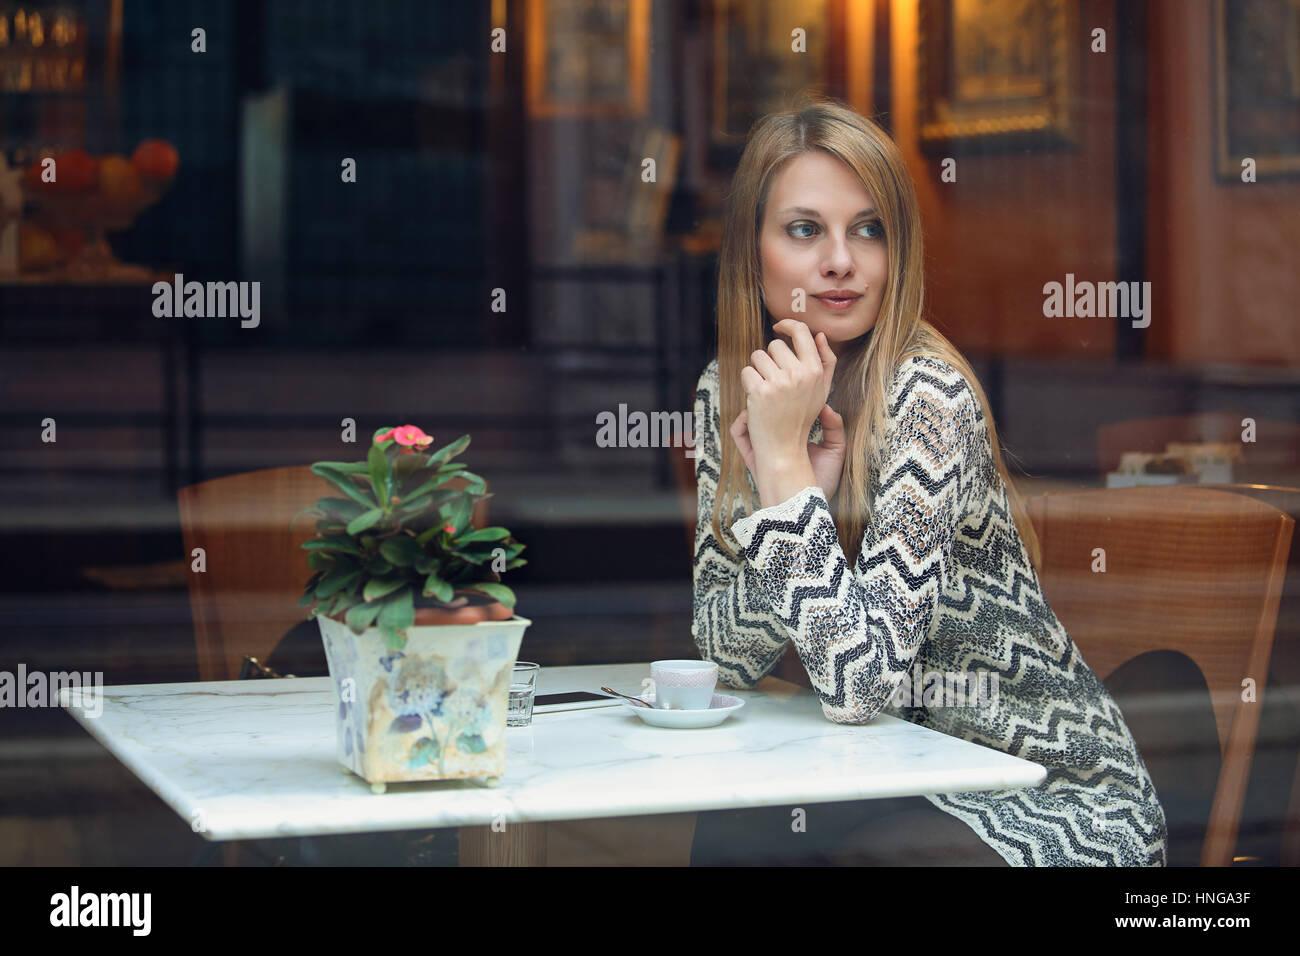 Jeune Femme prenant une pause dans l'élégant café. La vie urbaine Photo Stock